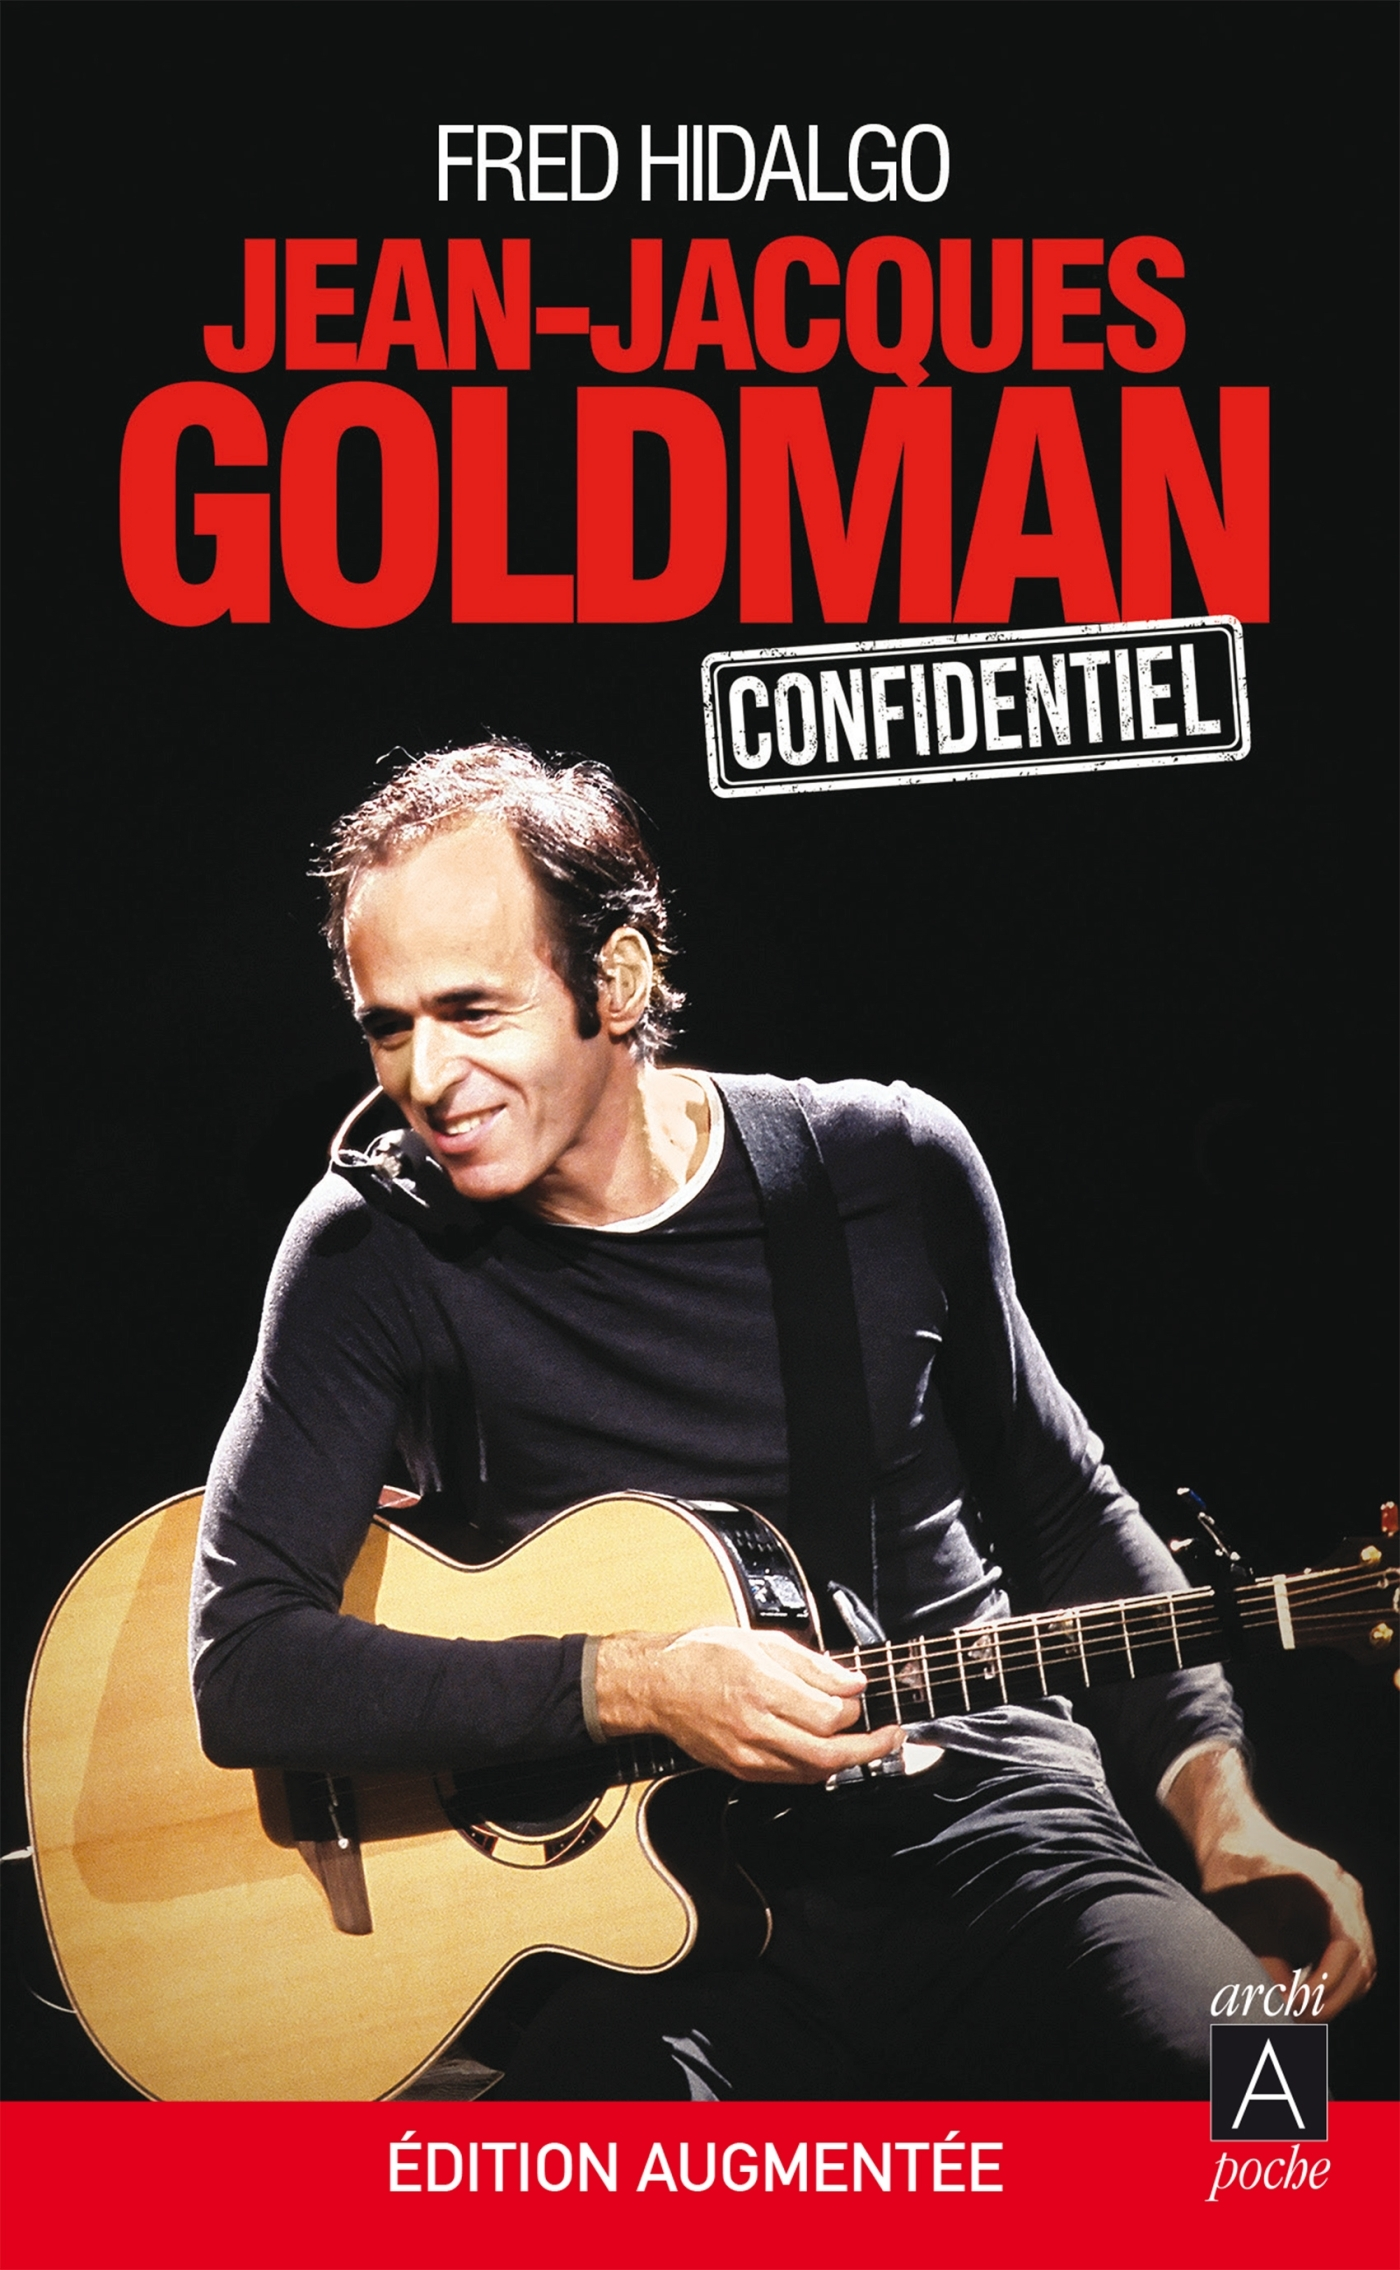 JEAN-JACQUES GOLDMAN CONFIDENTIEL